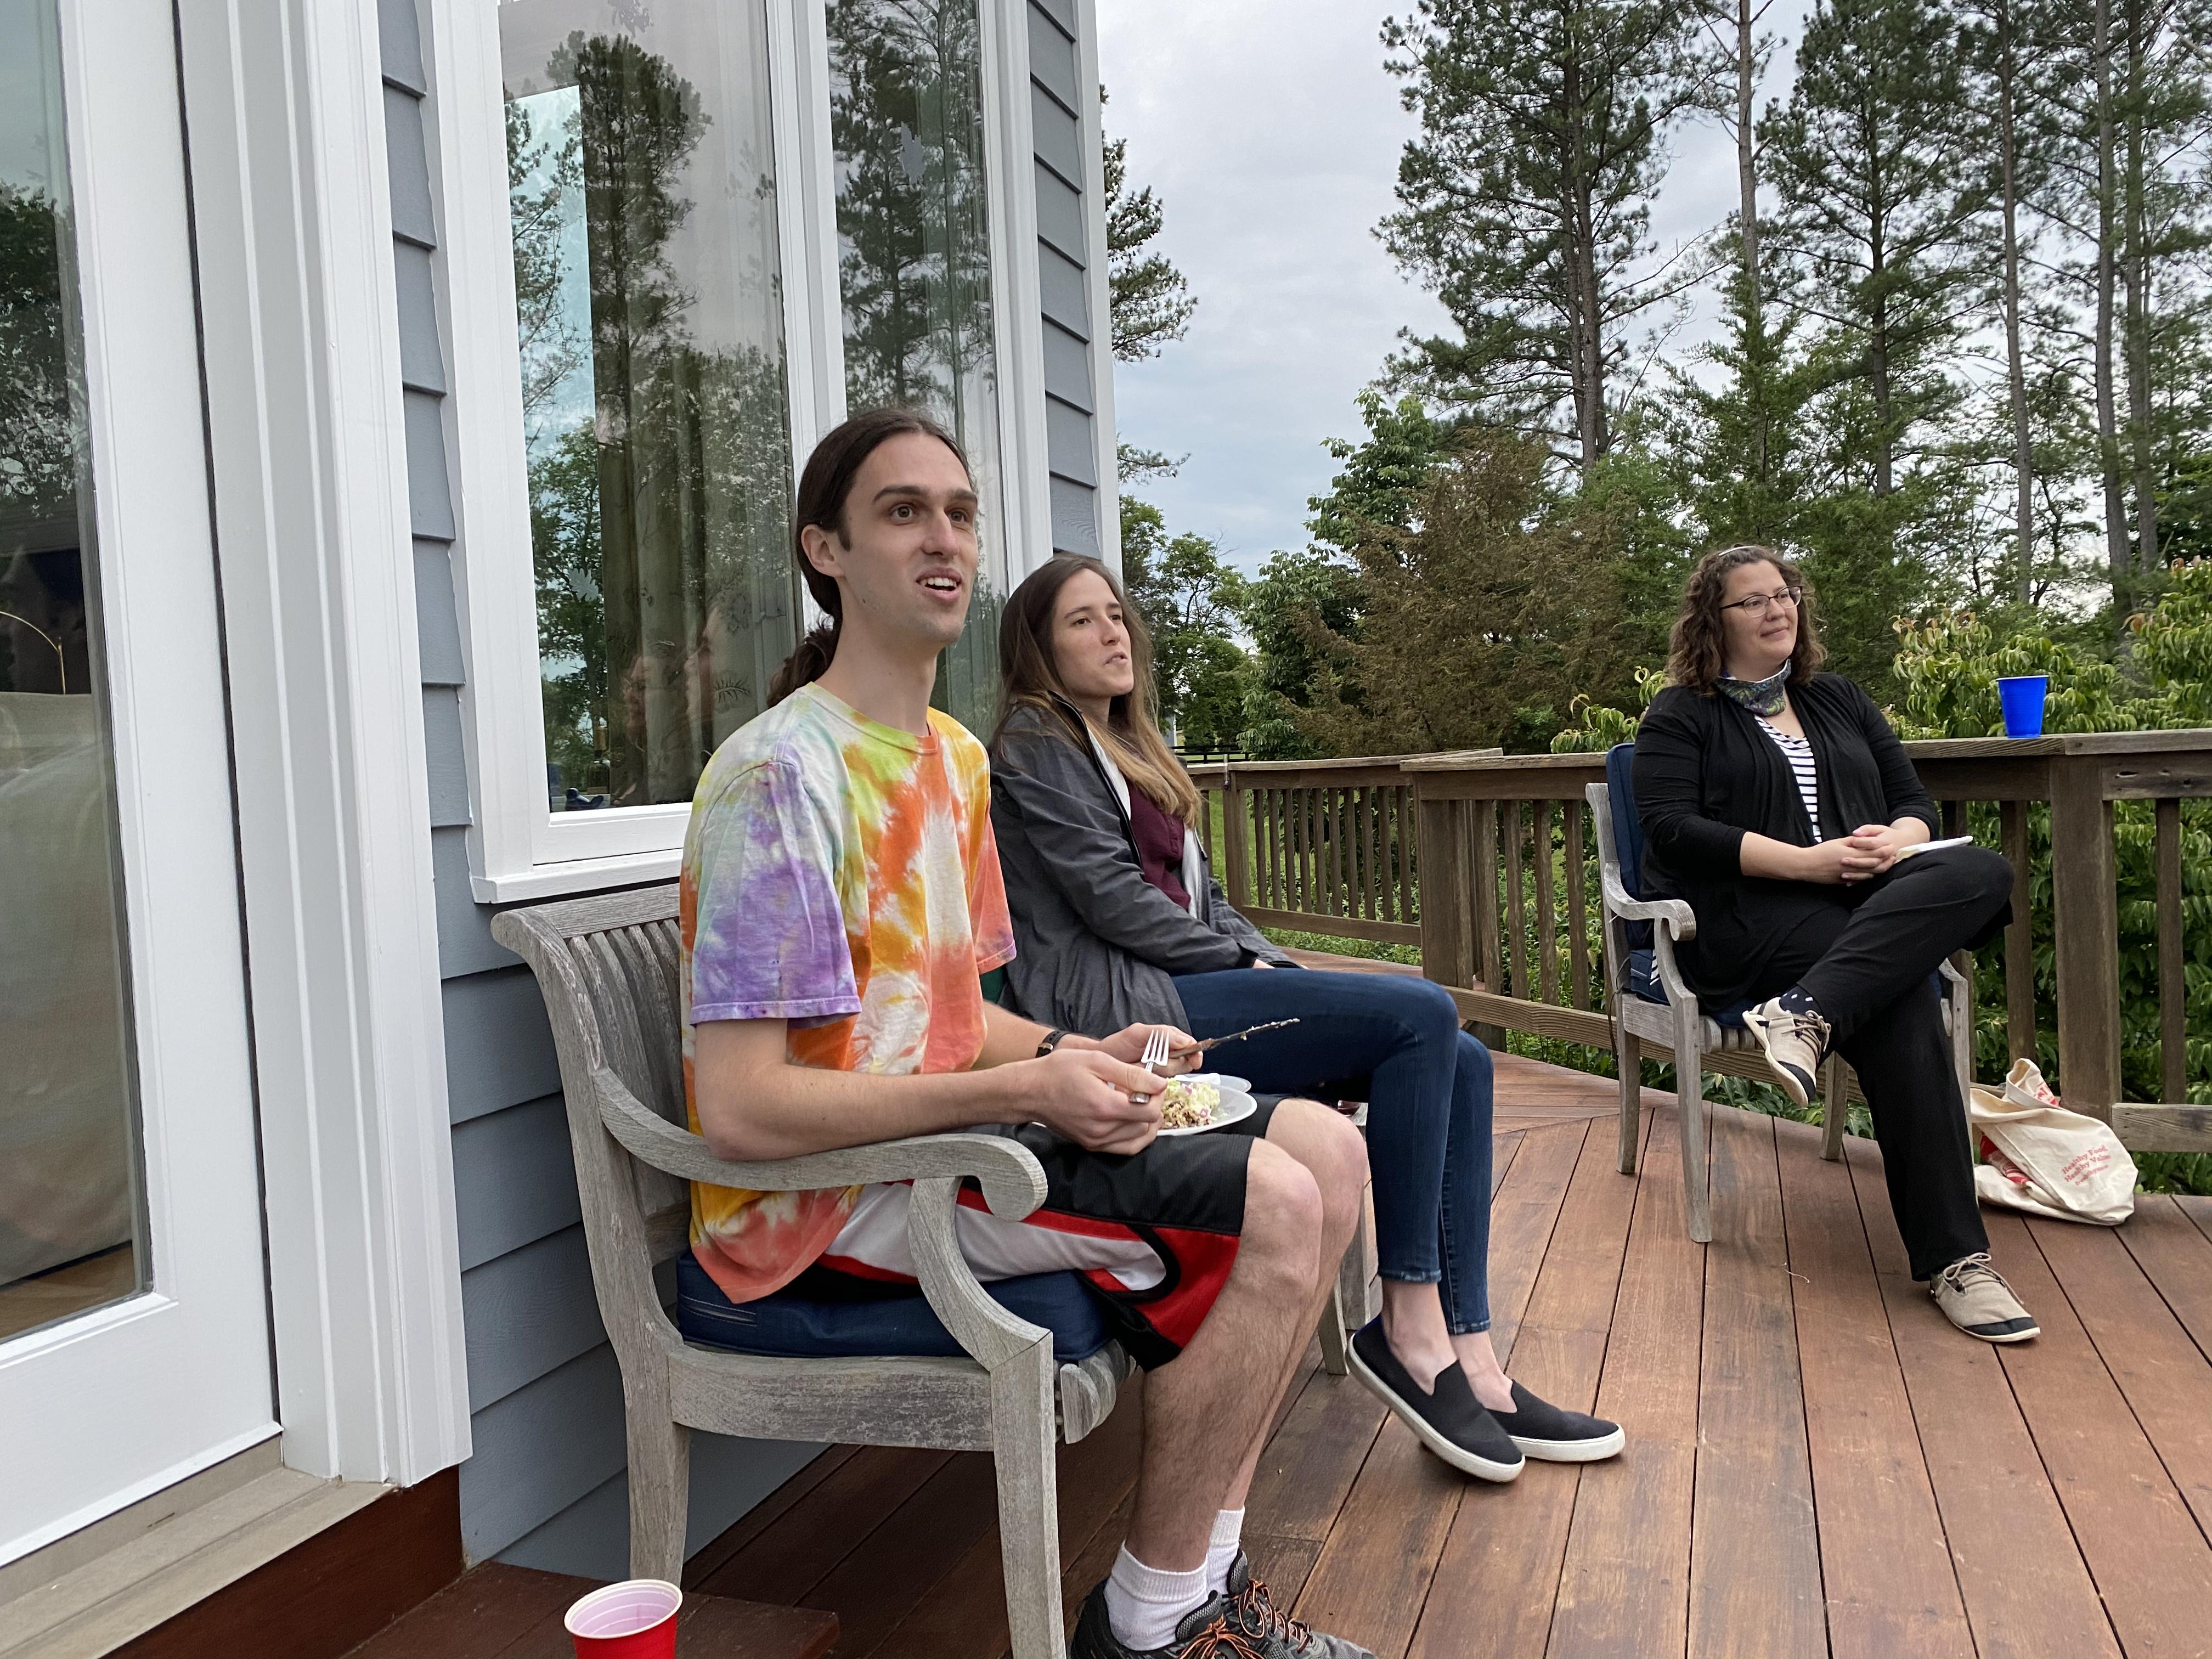 Ian, Lee, and Christina